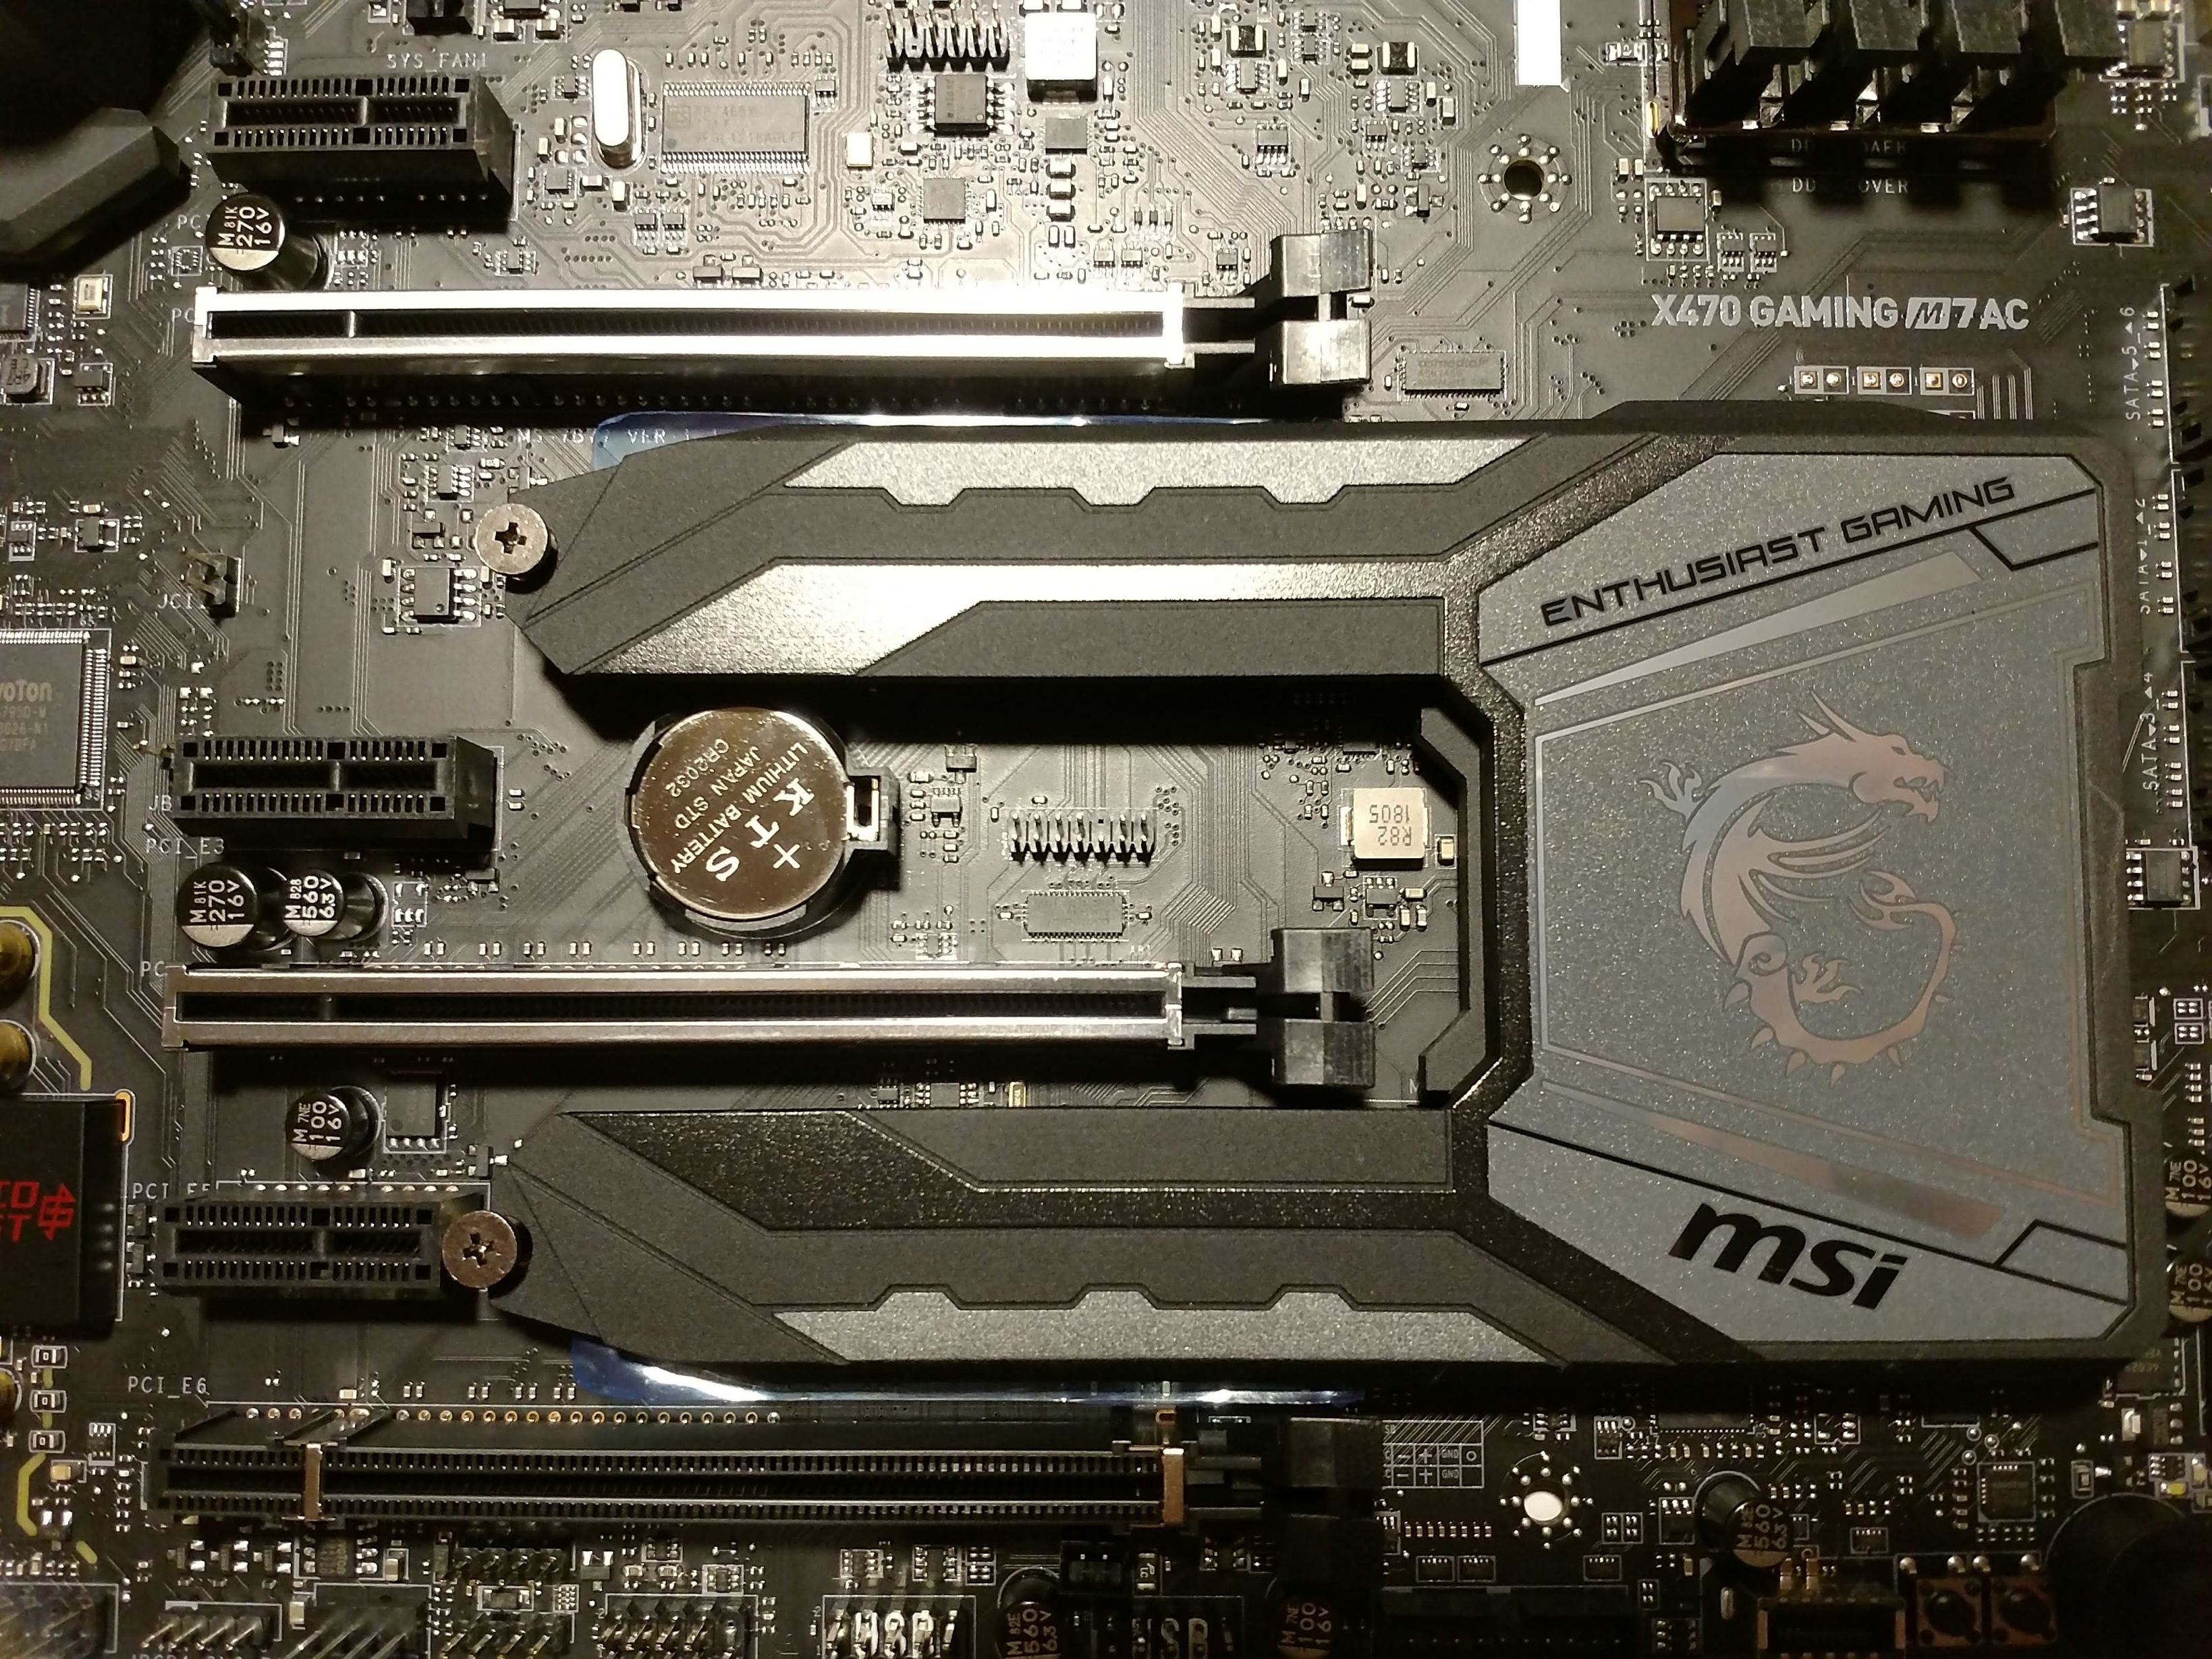 Klicken Sie auf die Grafik für eine größere Ansicht  Name:37. MSI X470 Gaming M7 AC M.2 SHIELD FROZR.jpg Hits:52 Größe:2,47 MB ID:1000582